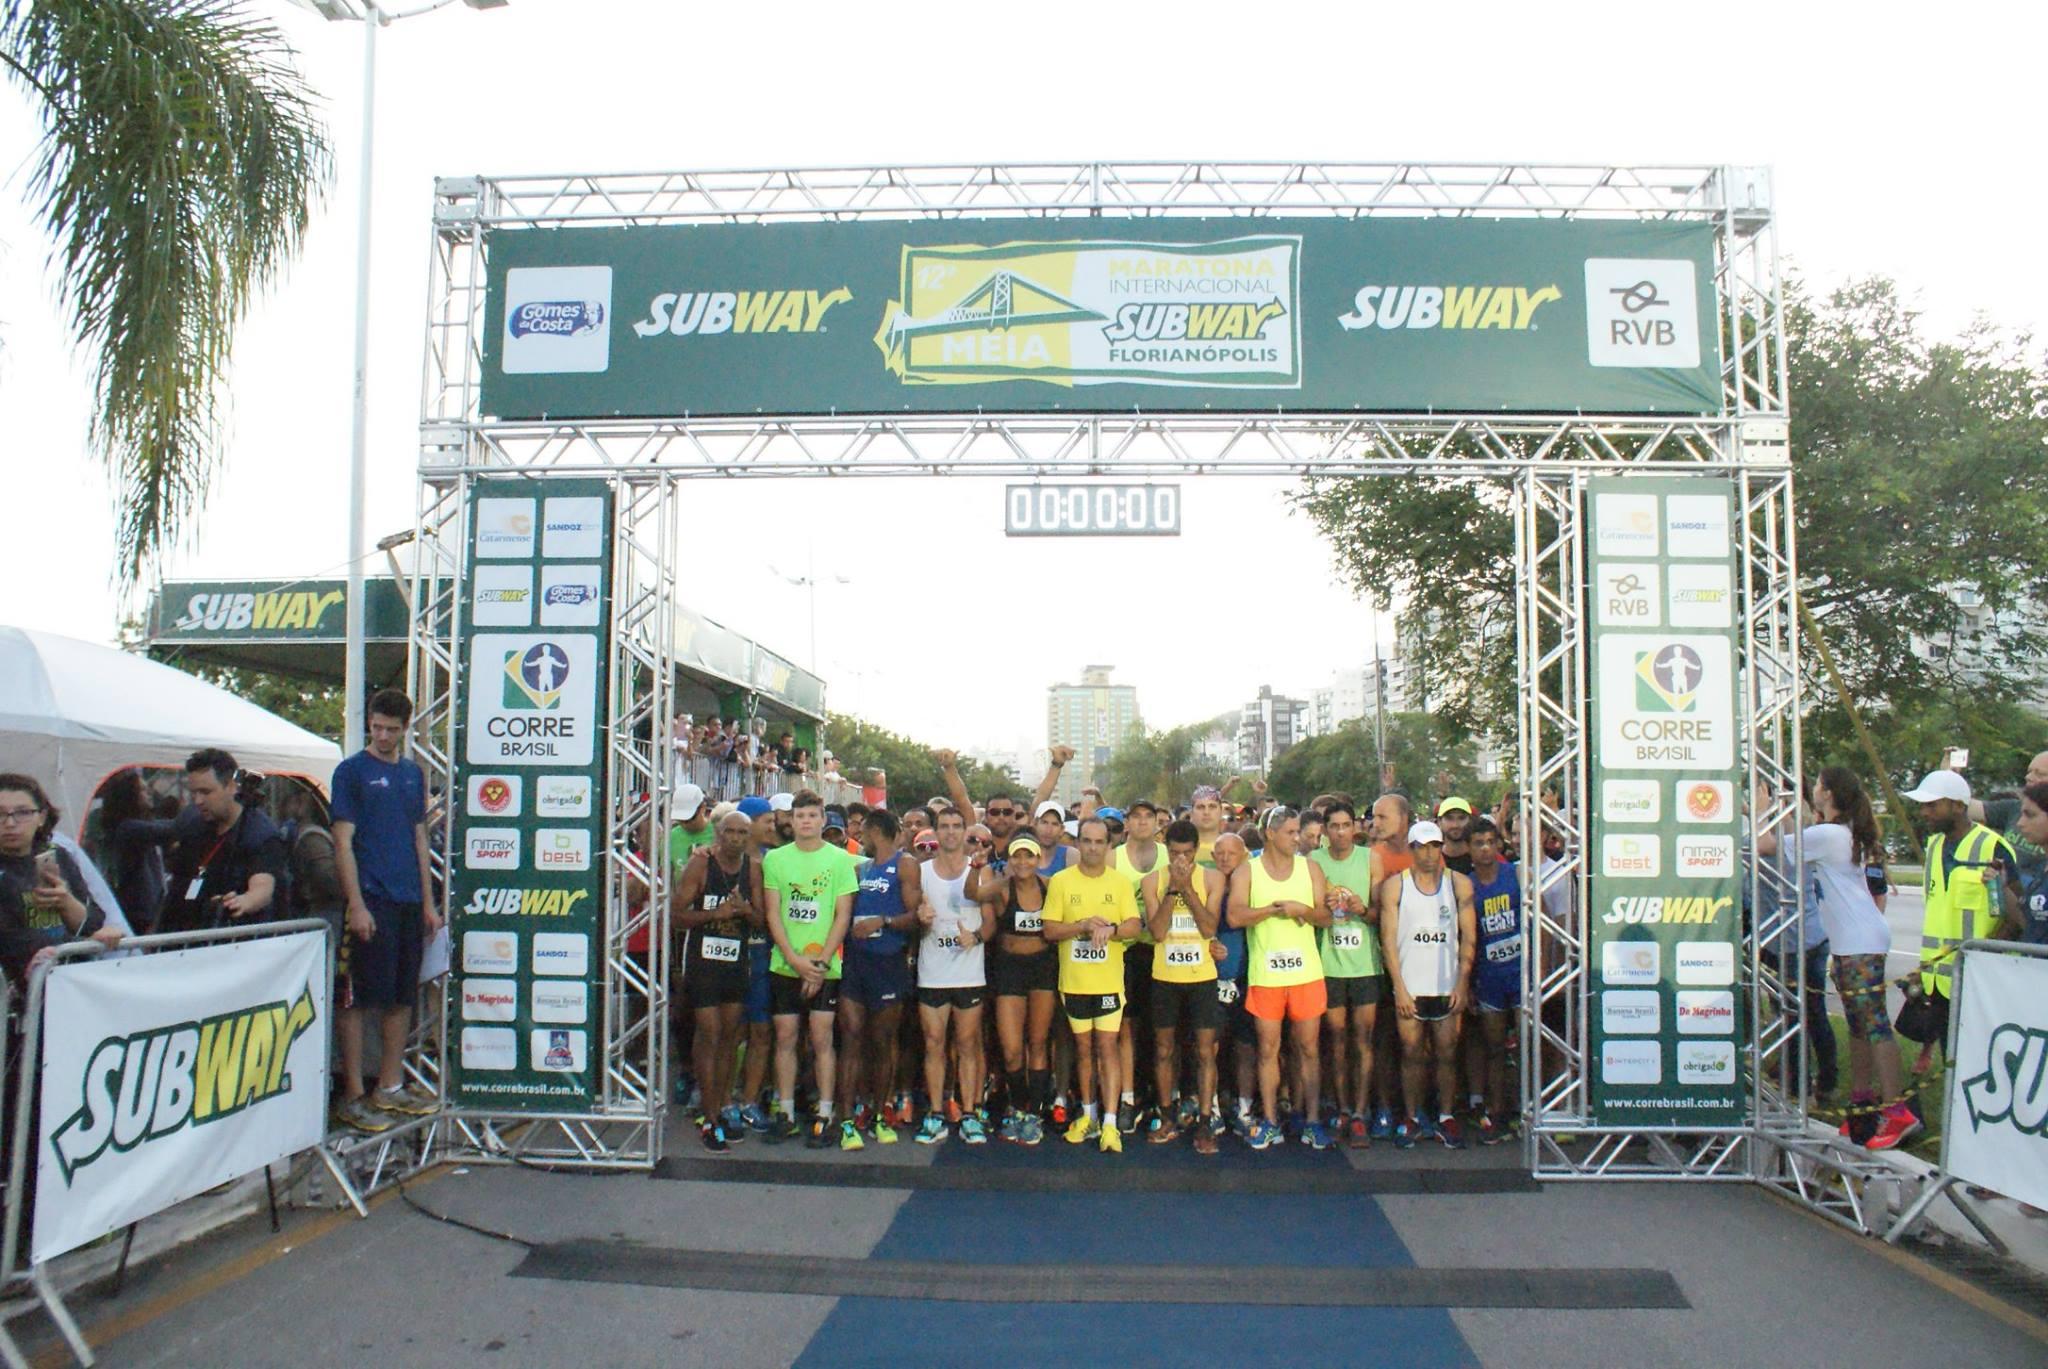 Meia Maratona Internacional de Florianópolis (SC) terá largada em ondas